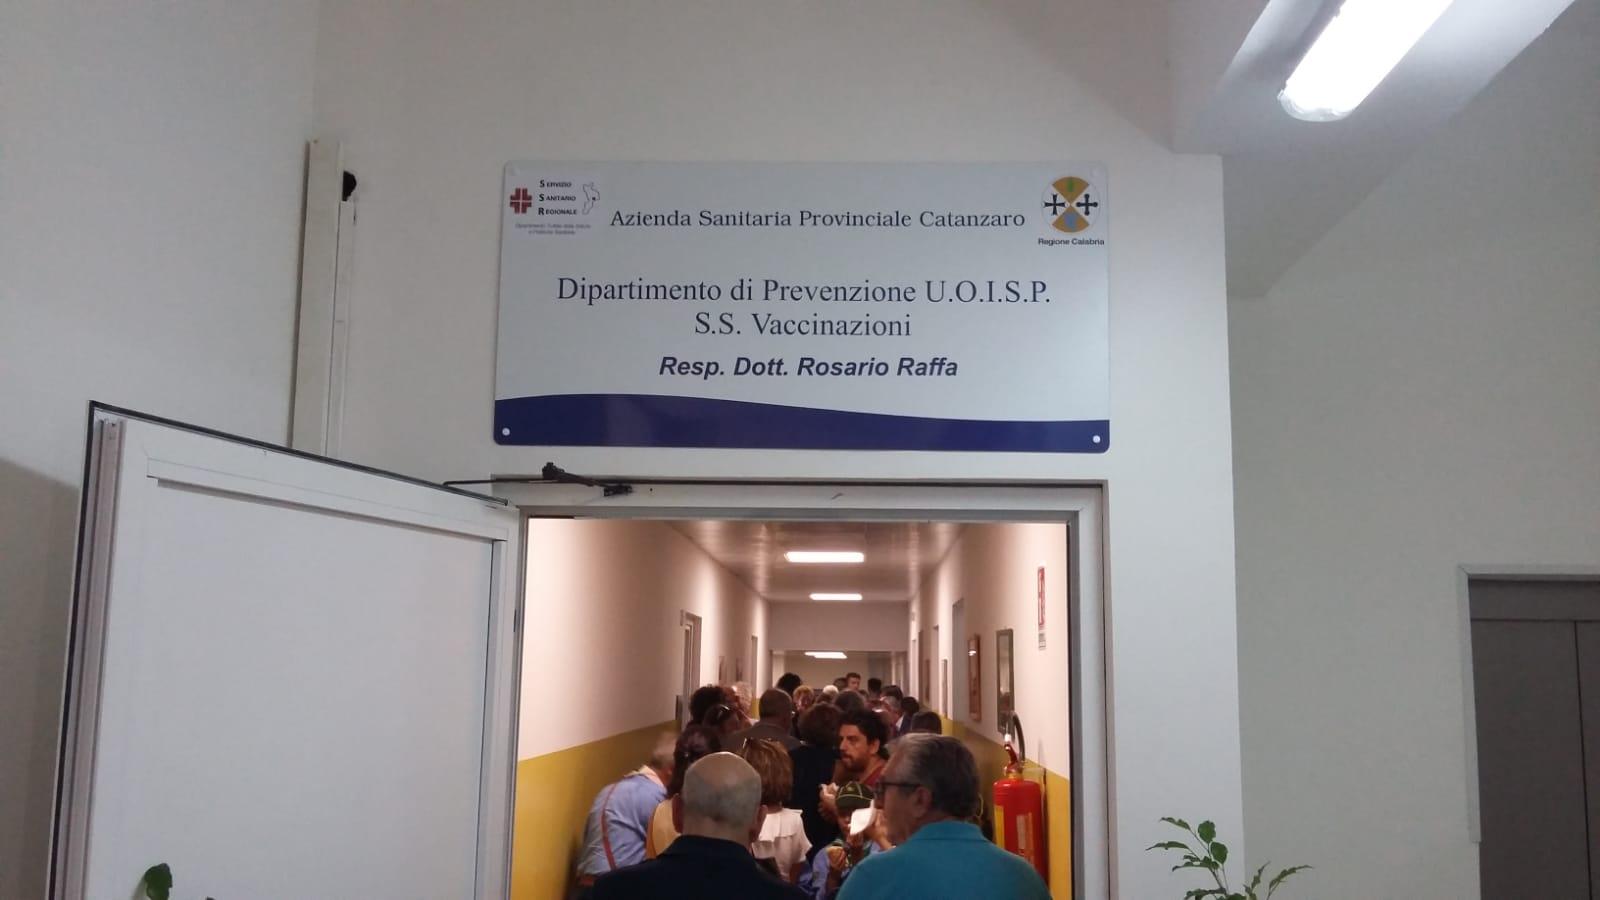 Coordinamento Sanità 19 Marzo: bene apertura Centro Unico Vaccinazioni